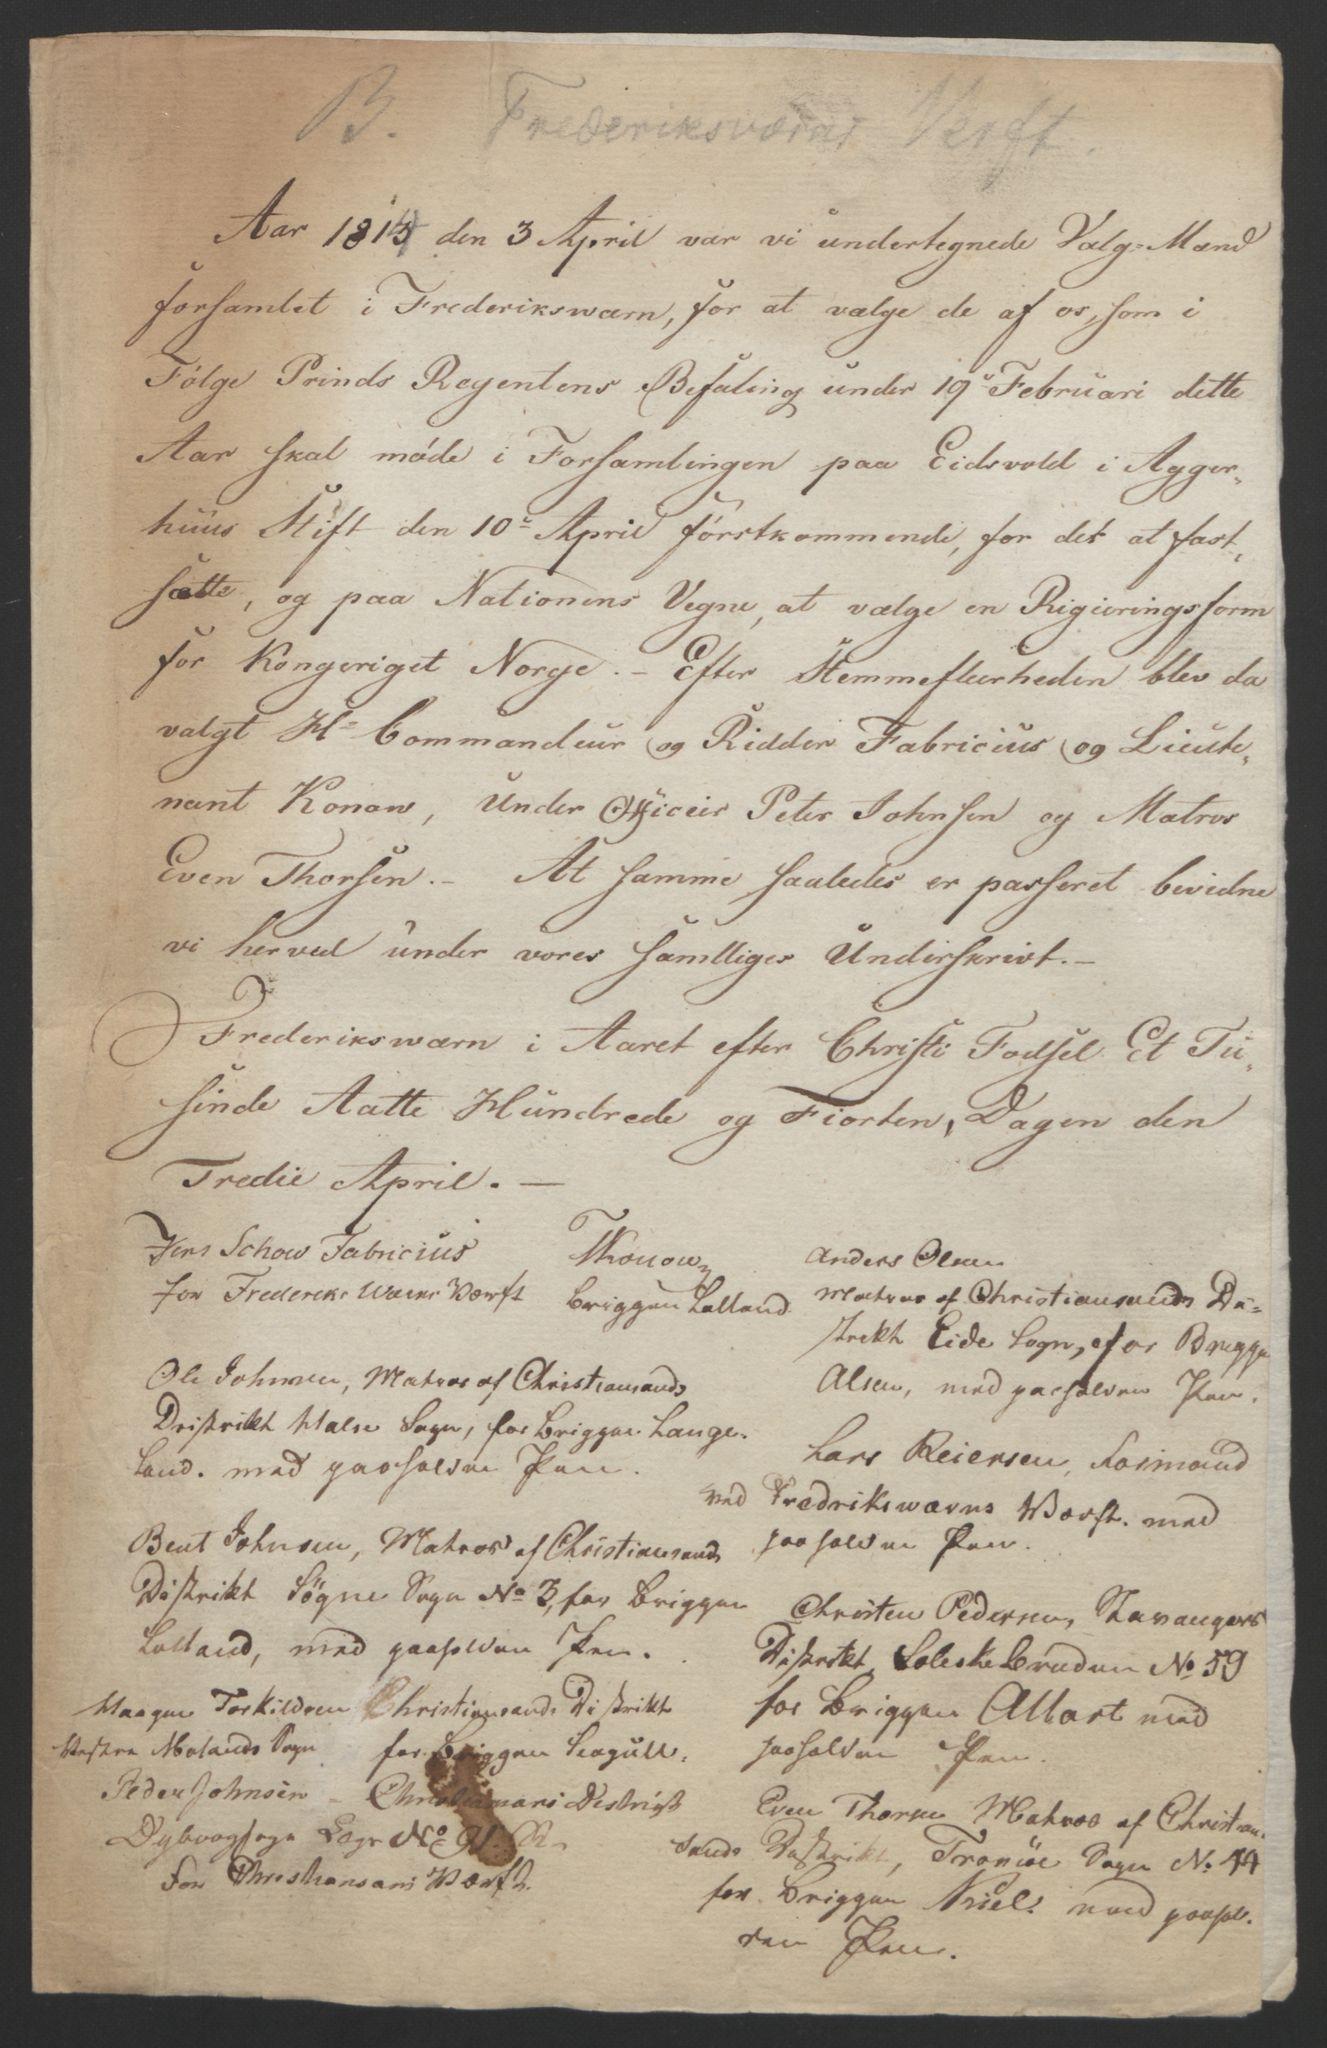 RA, Statsrådssekretariatet, D/Db/L0007: Fullmakter for Eidsvollsrepresentantene i 1814. , 1814, s. 129